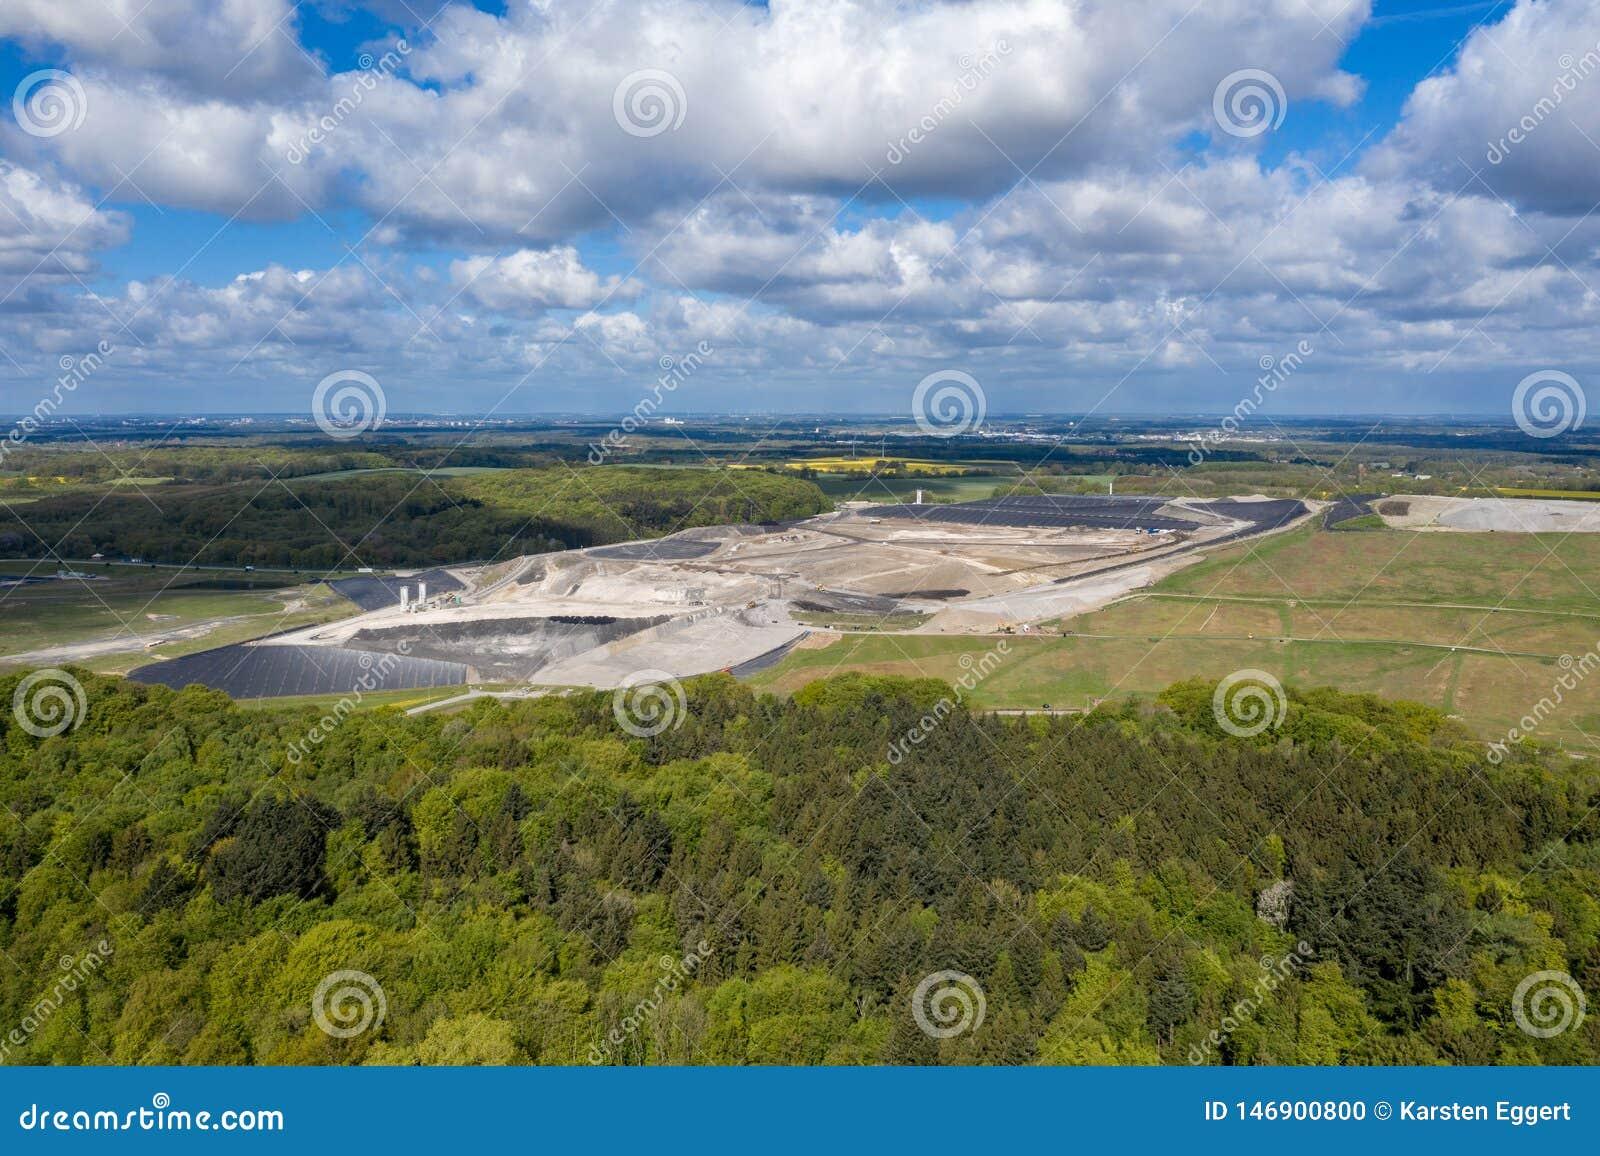 Μεγαλύτερα υλικά οδόστρωσης Ihlenberg τοξικών αποβλήτων της Ευρώπης στο βόρειο τμήμα της Γερμανίας